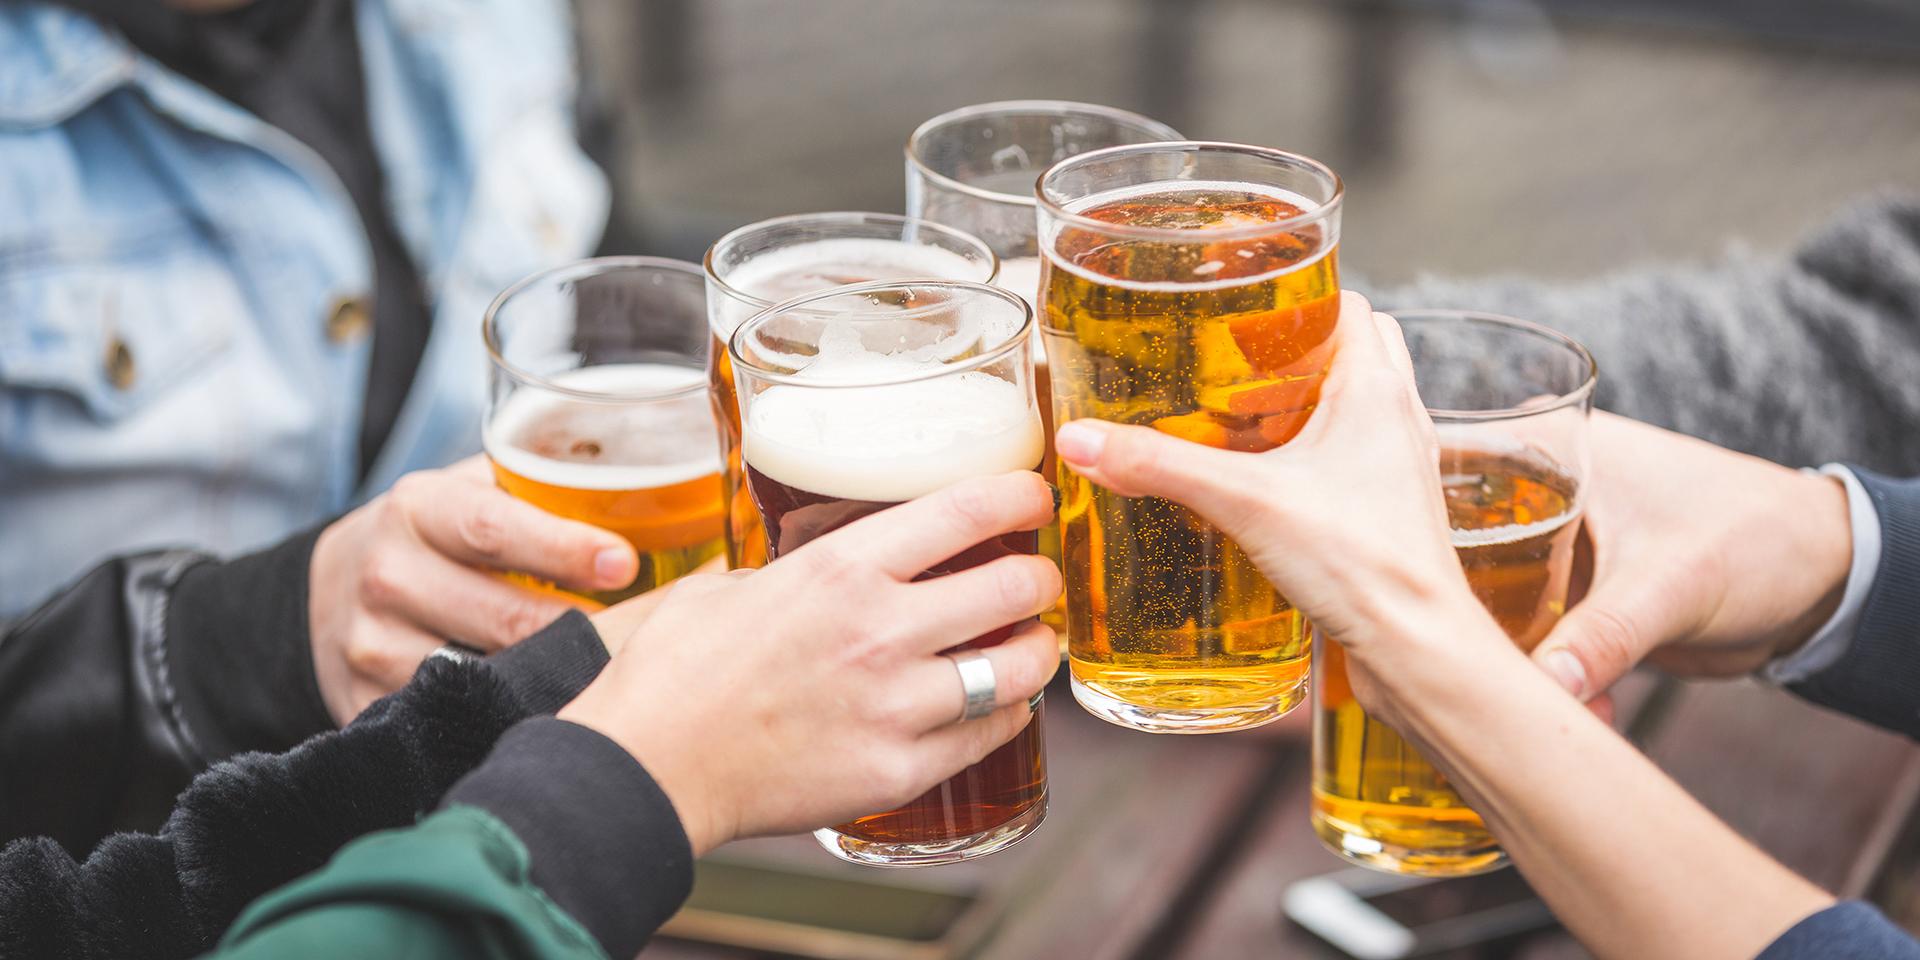 https://mountaineerstaphouse.com/wp-content/uploads/2018/01/beer-Cheers1.jpg